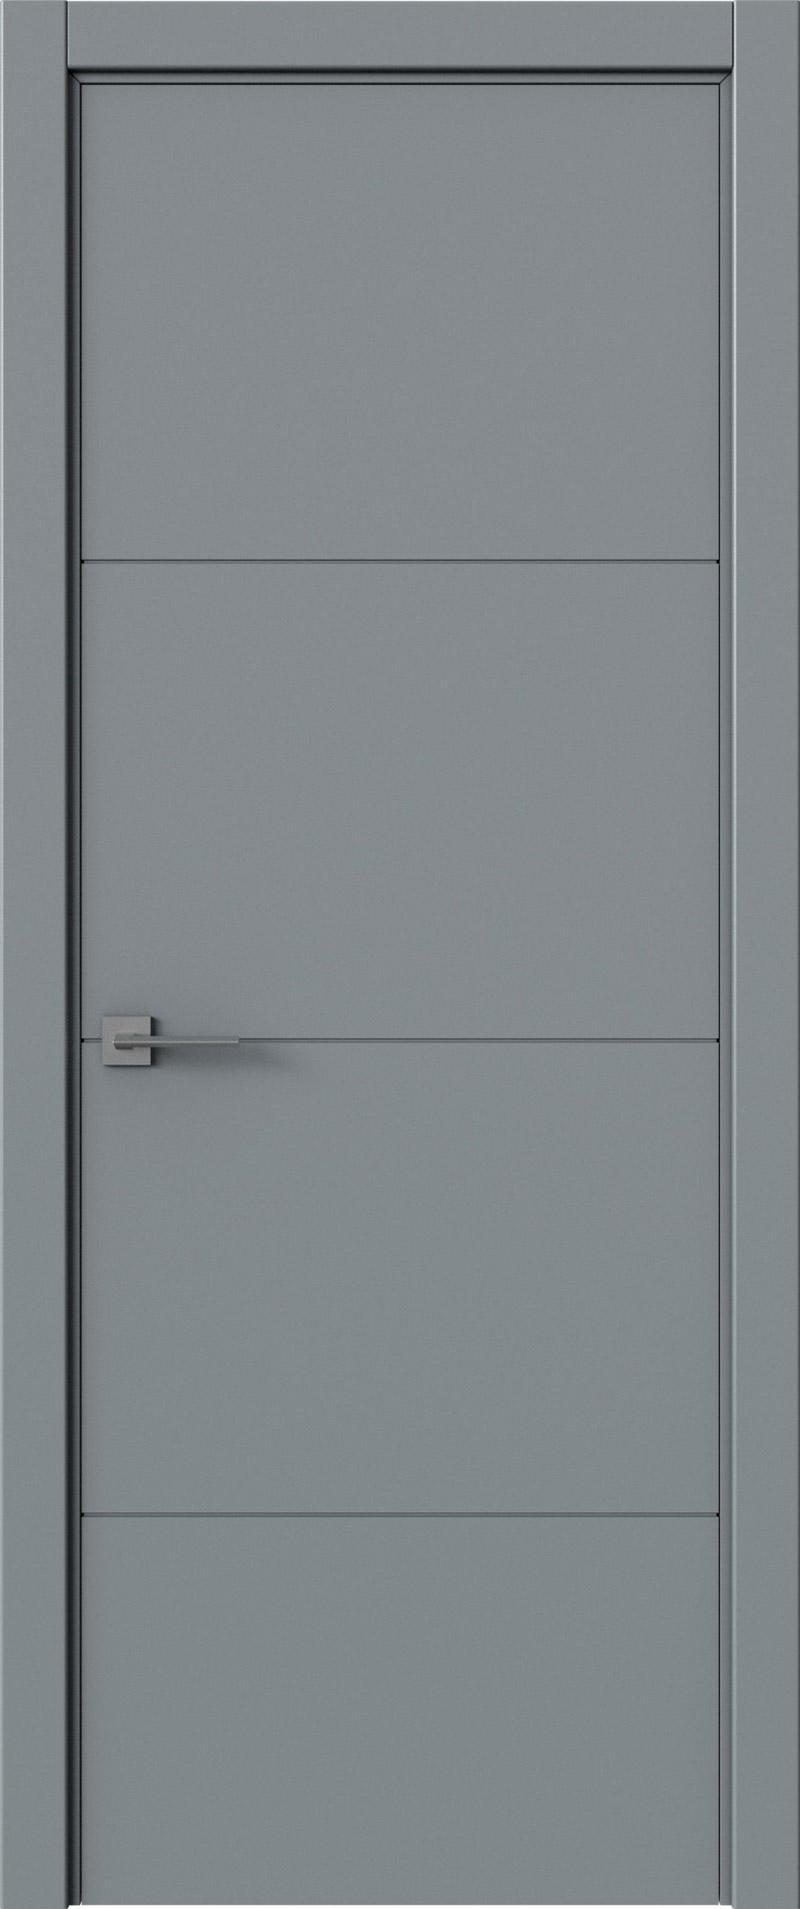 Tivoli Г-2 цвет - Серебристо-серая эмаль (RAL 7045) Без стекла (ДГ)